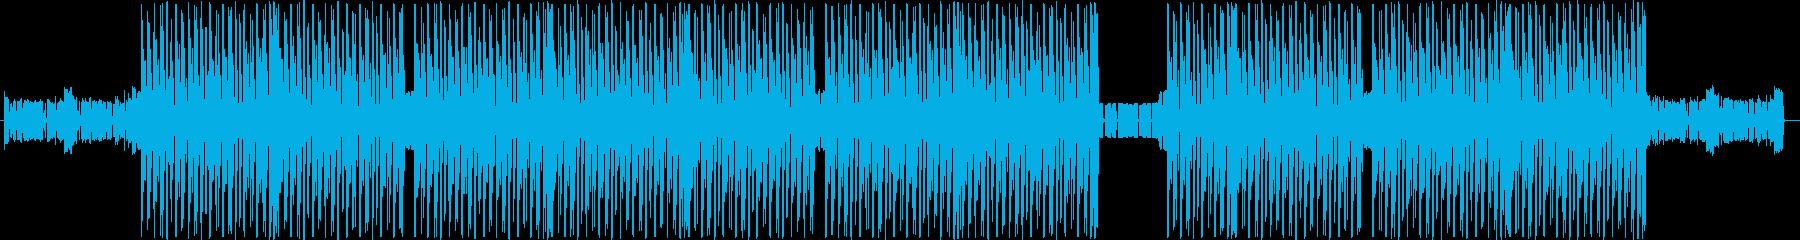 洋楽、ハードトラップ、ヒップホップビートの再生済みの波形